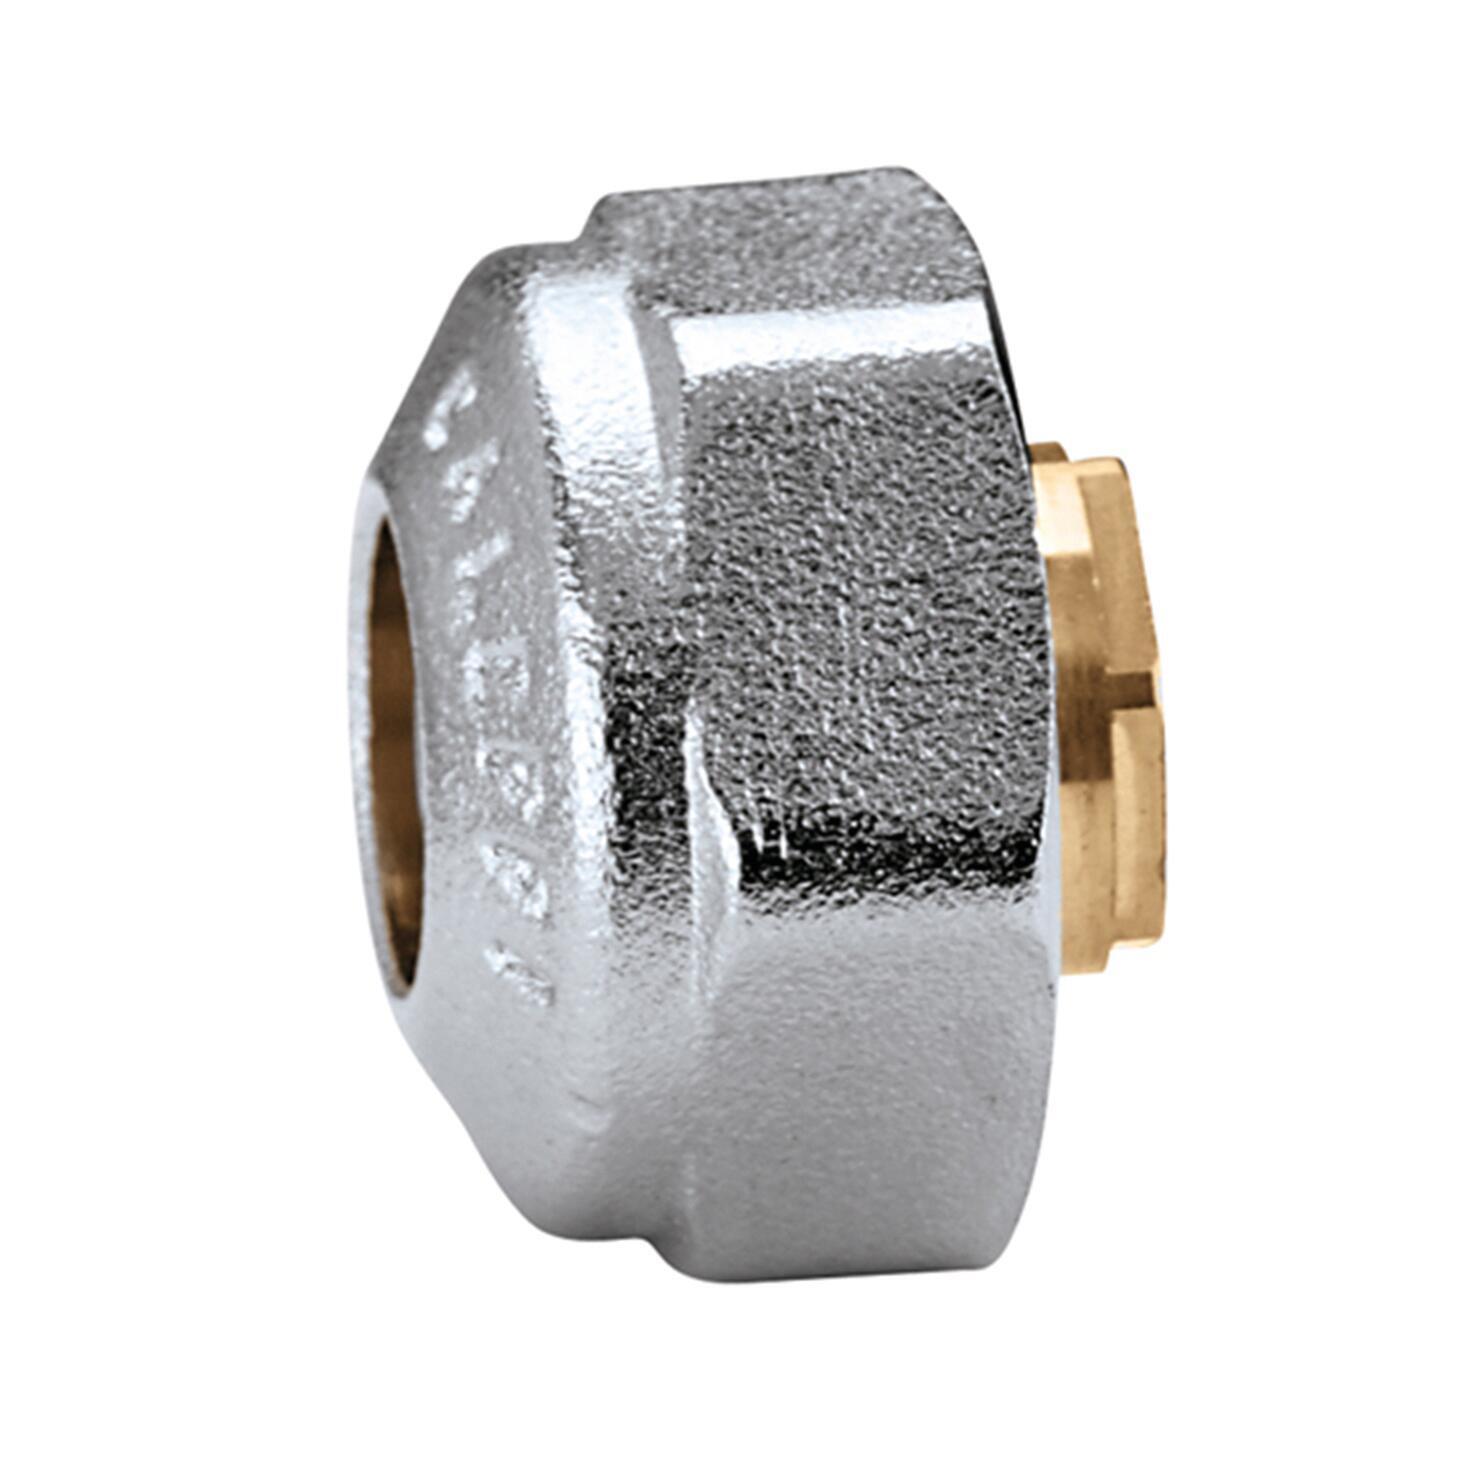 Adattatore per tubo in rame Caleffi Ø 14 mm